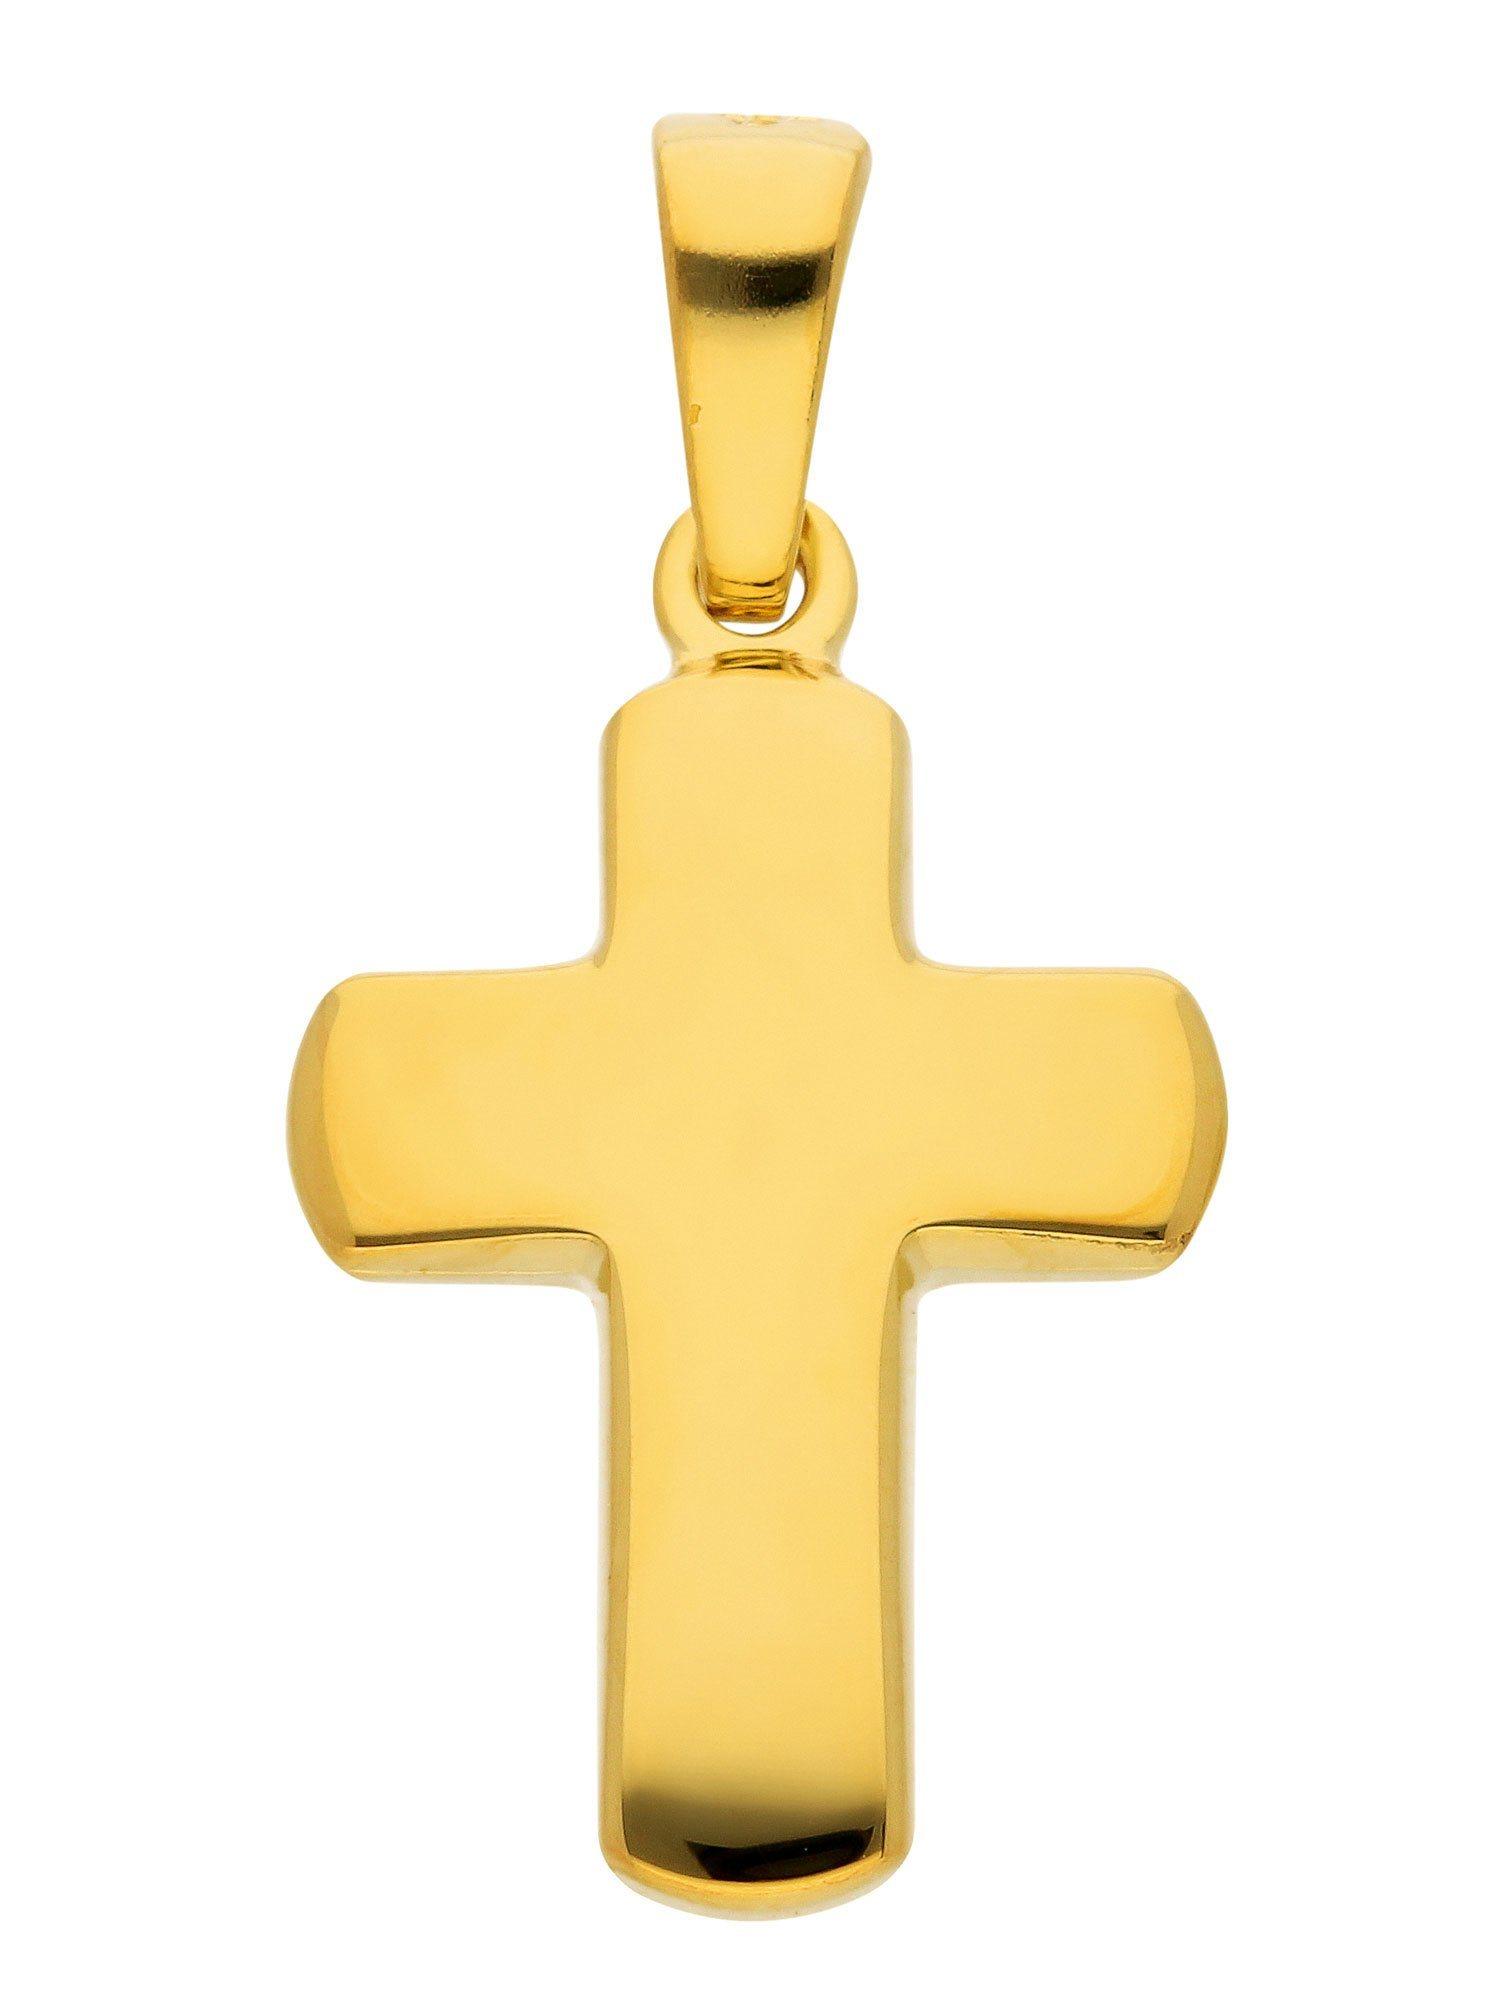 Adelia´s Kettenanhänger »Silber Anhänger« 925 Sterling Silber vergoldet | Schmuck > Halsketten > Ketten ohne Anhänger | Silber | Adelia´s